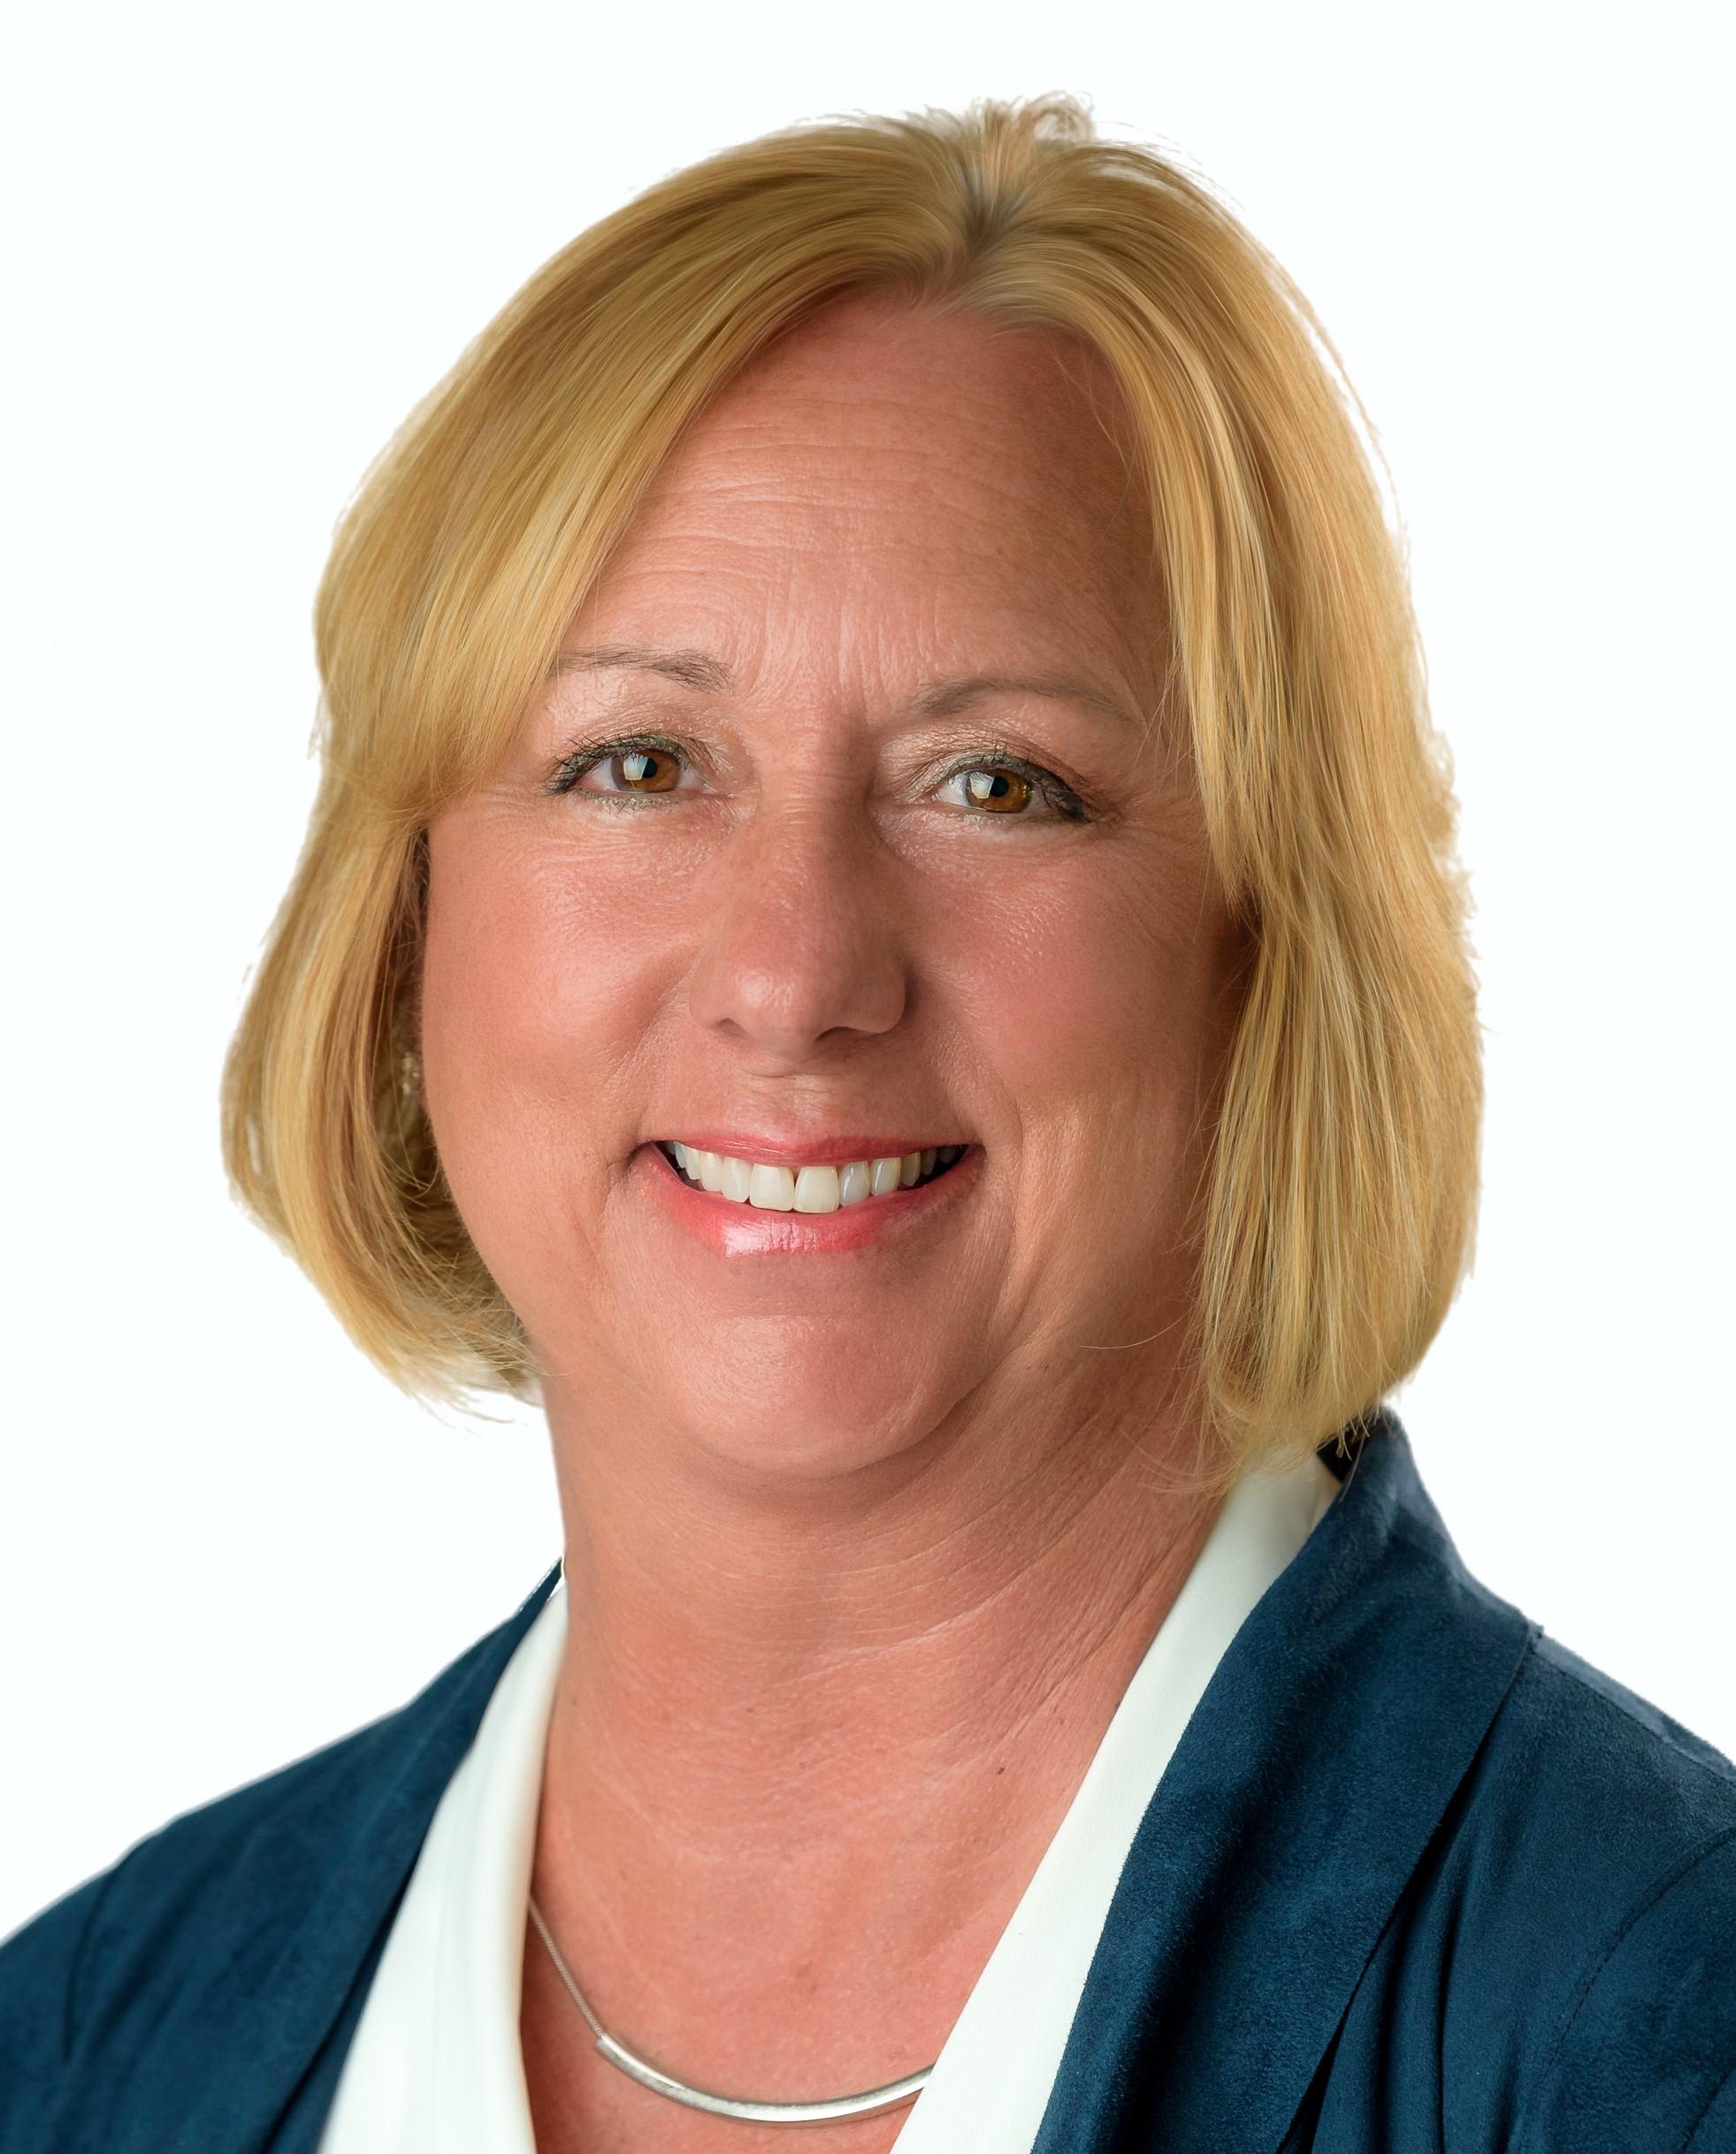 Karen Moeller